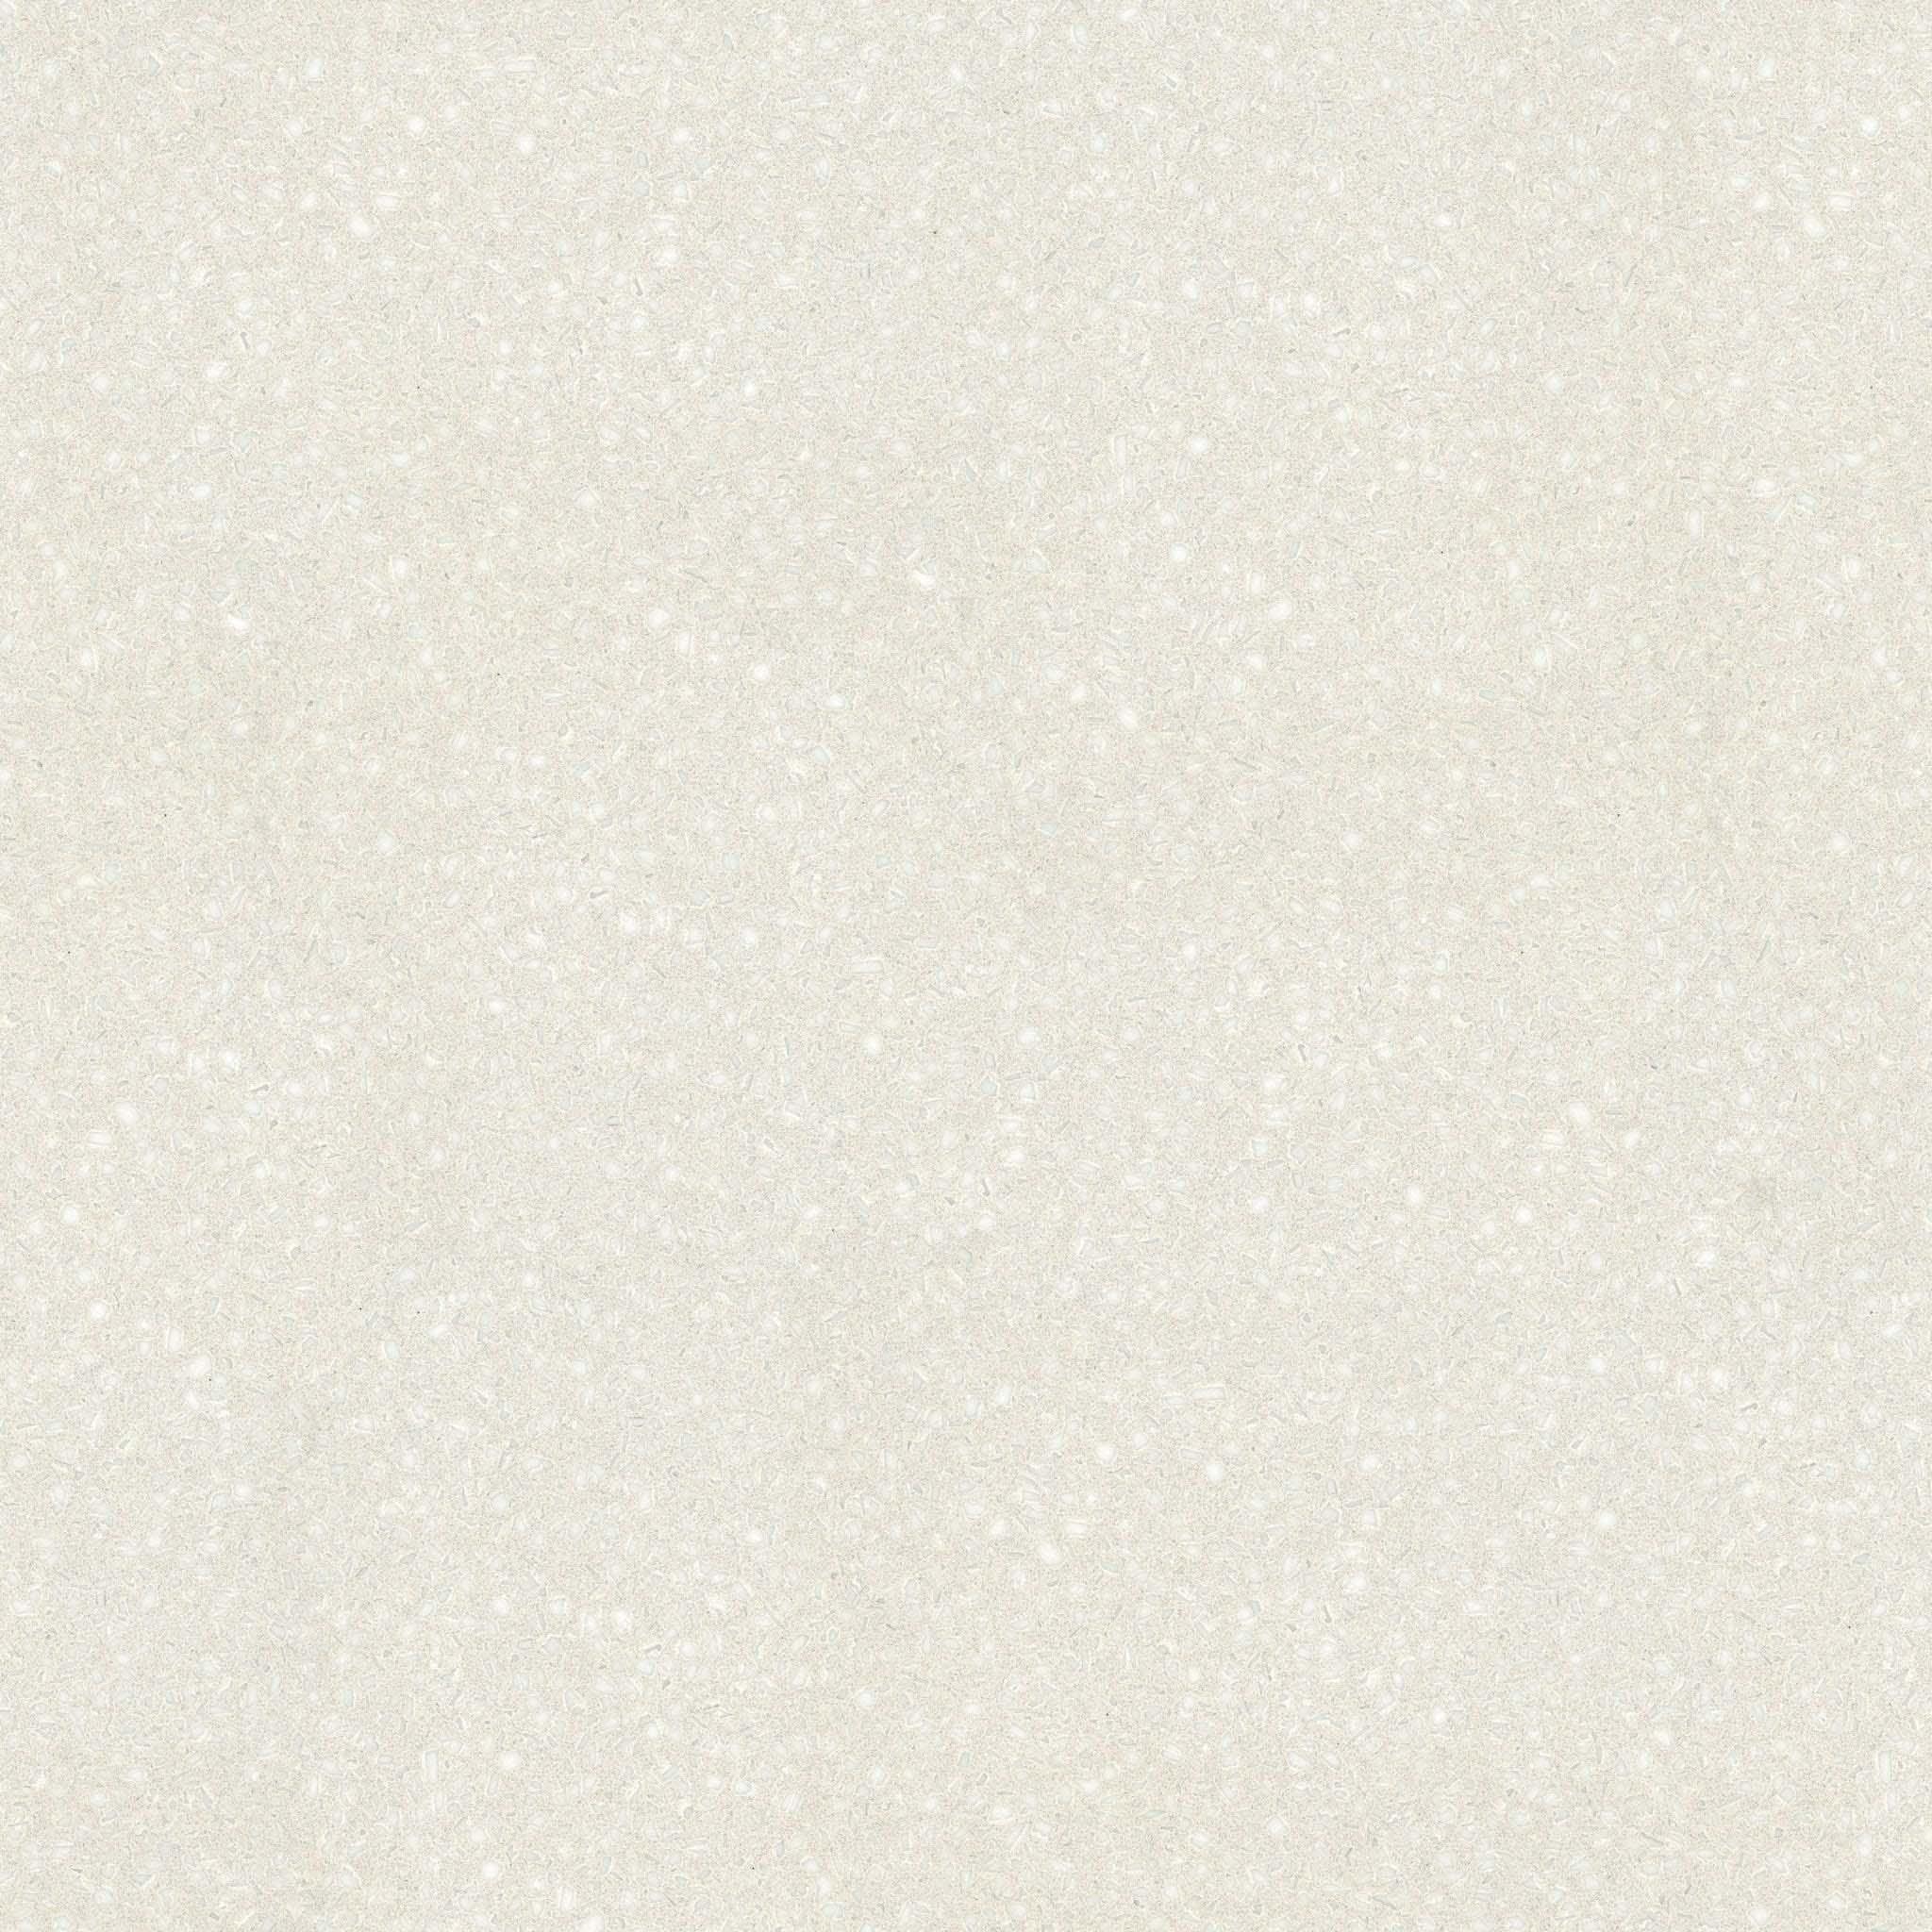 Ref 503 Bianco Spizzio